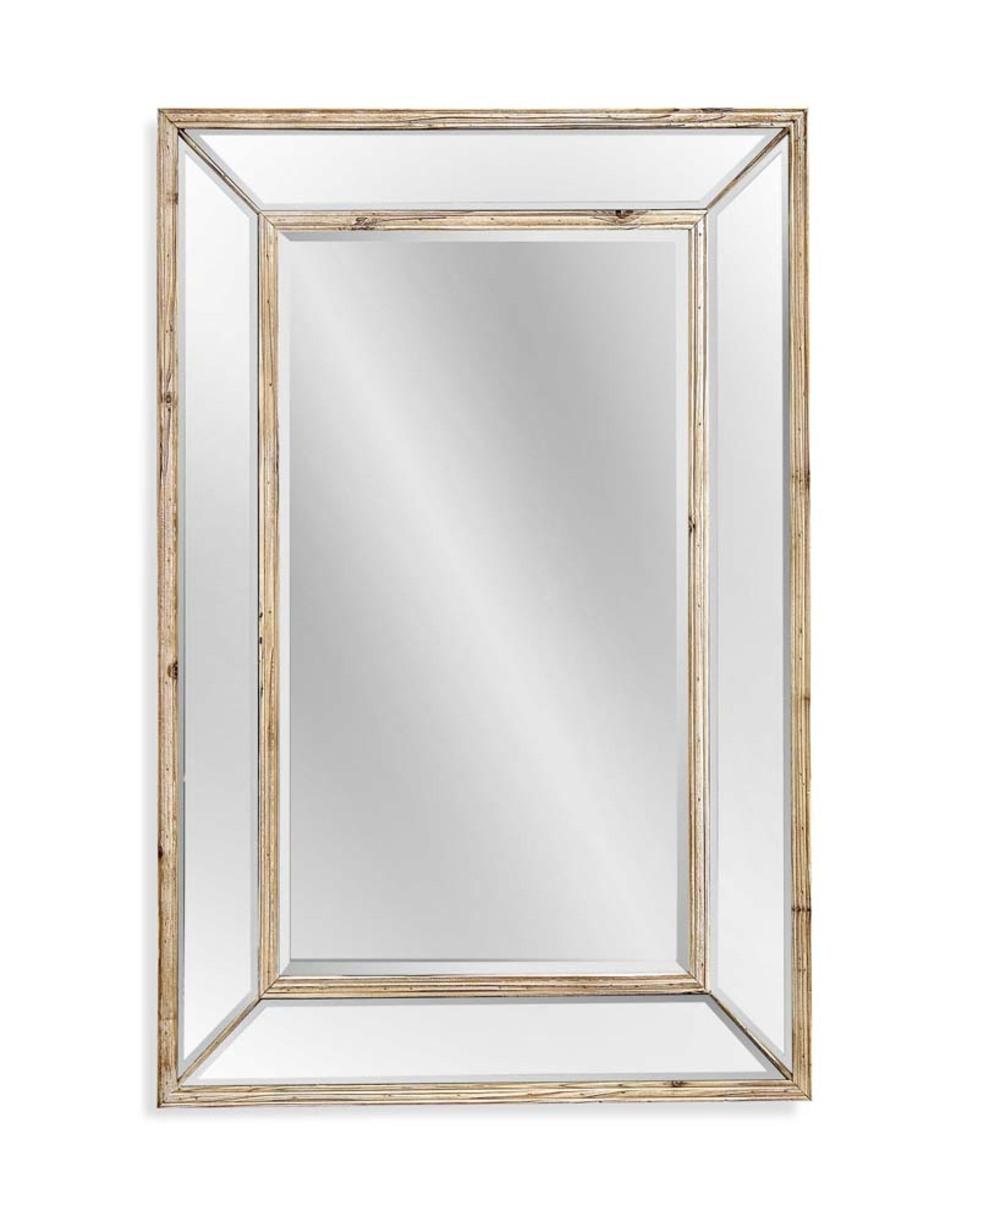 Bassett Mirror Company - Pompano Wall Mirror